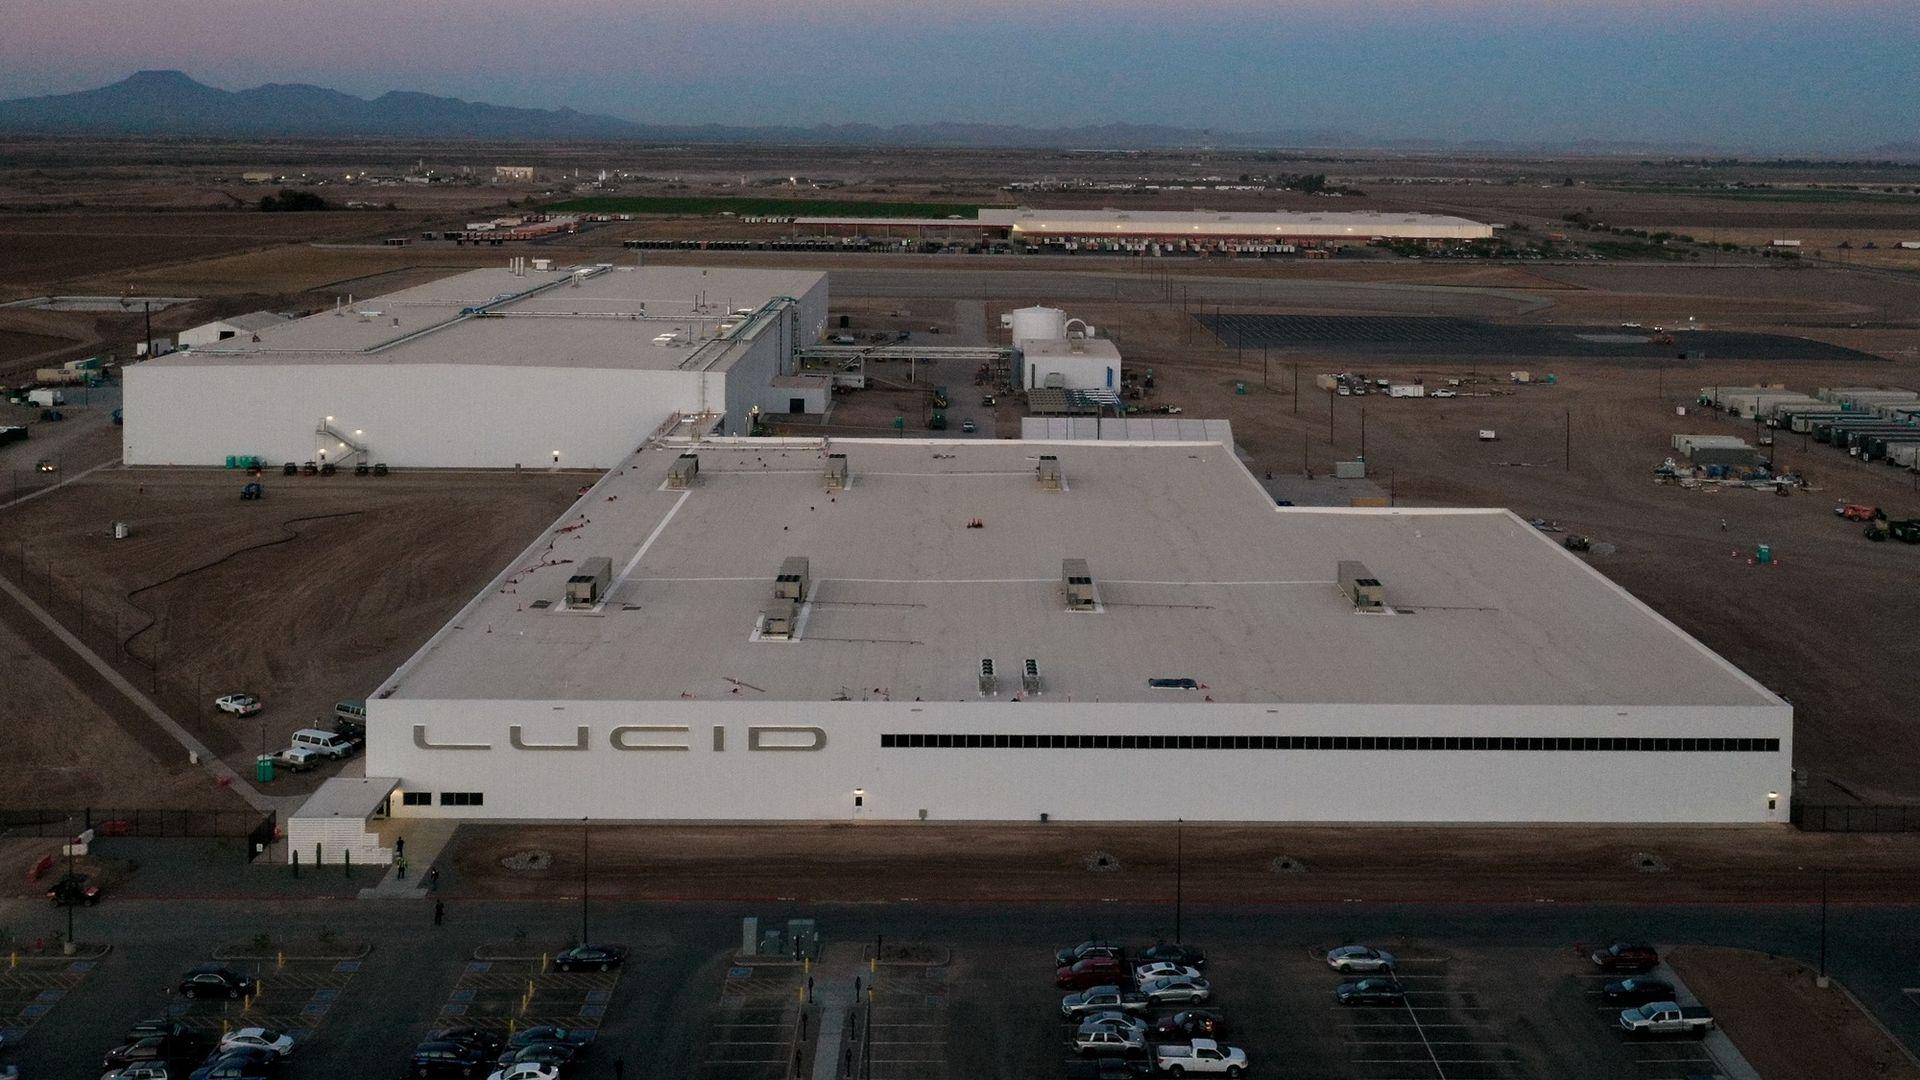 Lucid Motors fabrik i Arizona är snart färdigbyggd